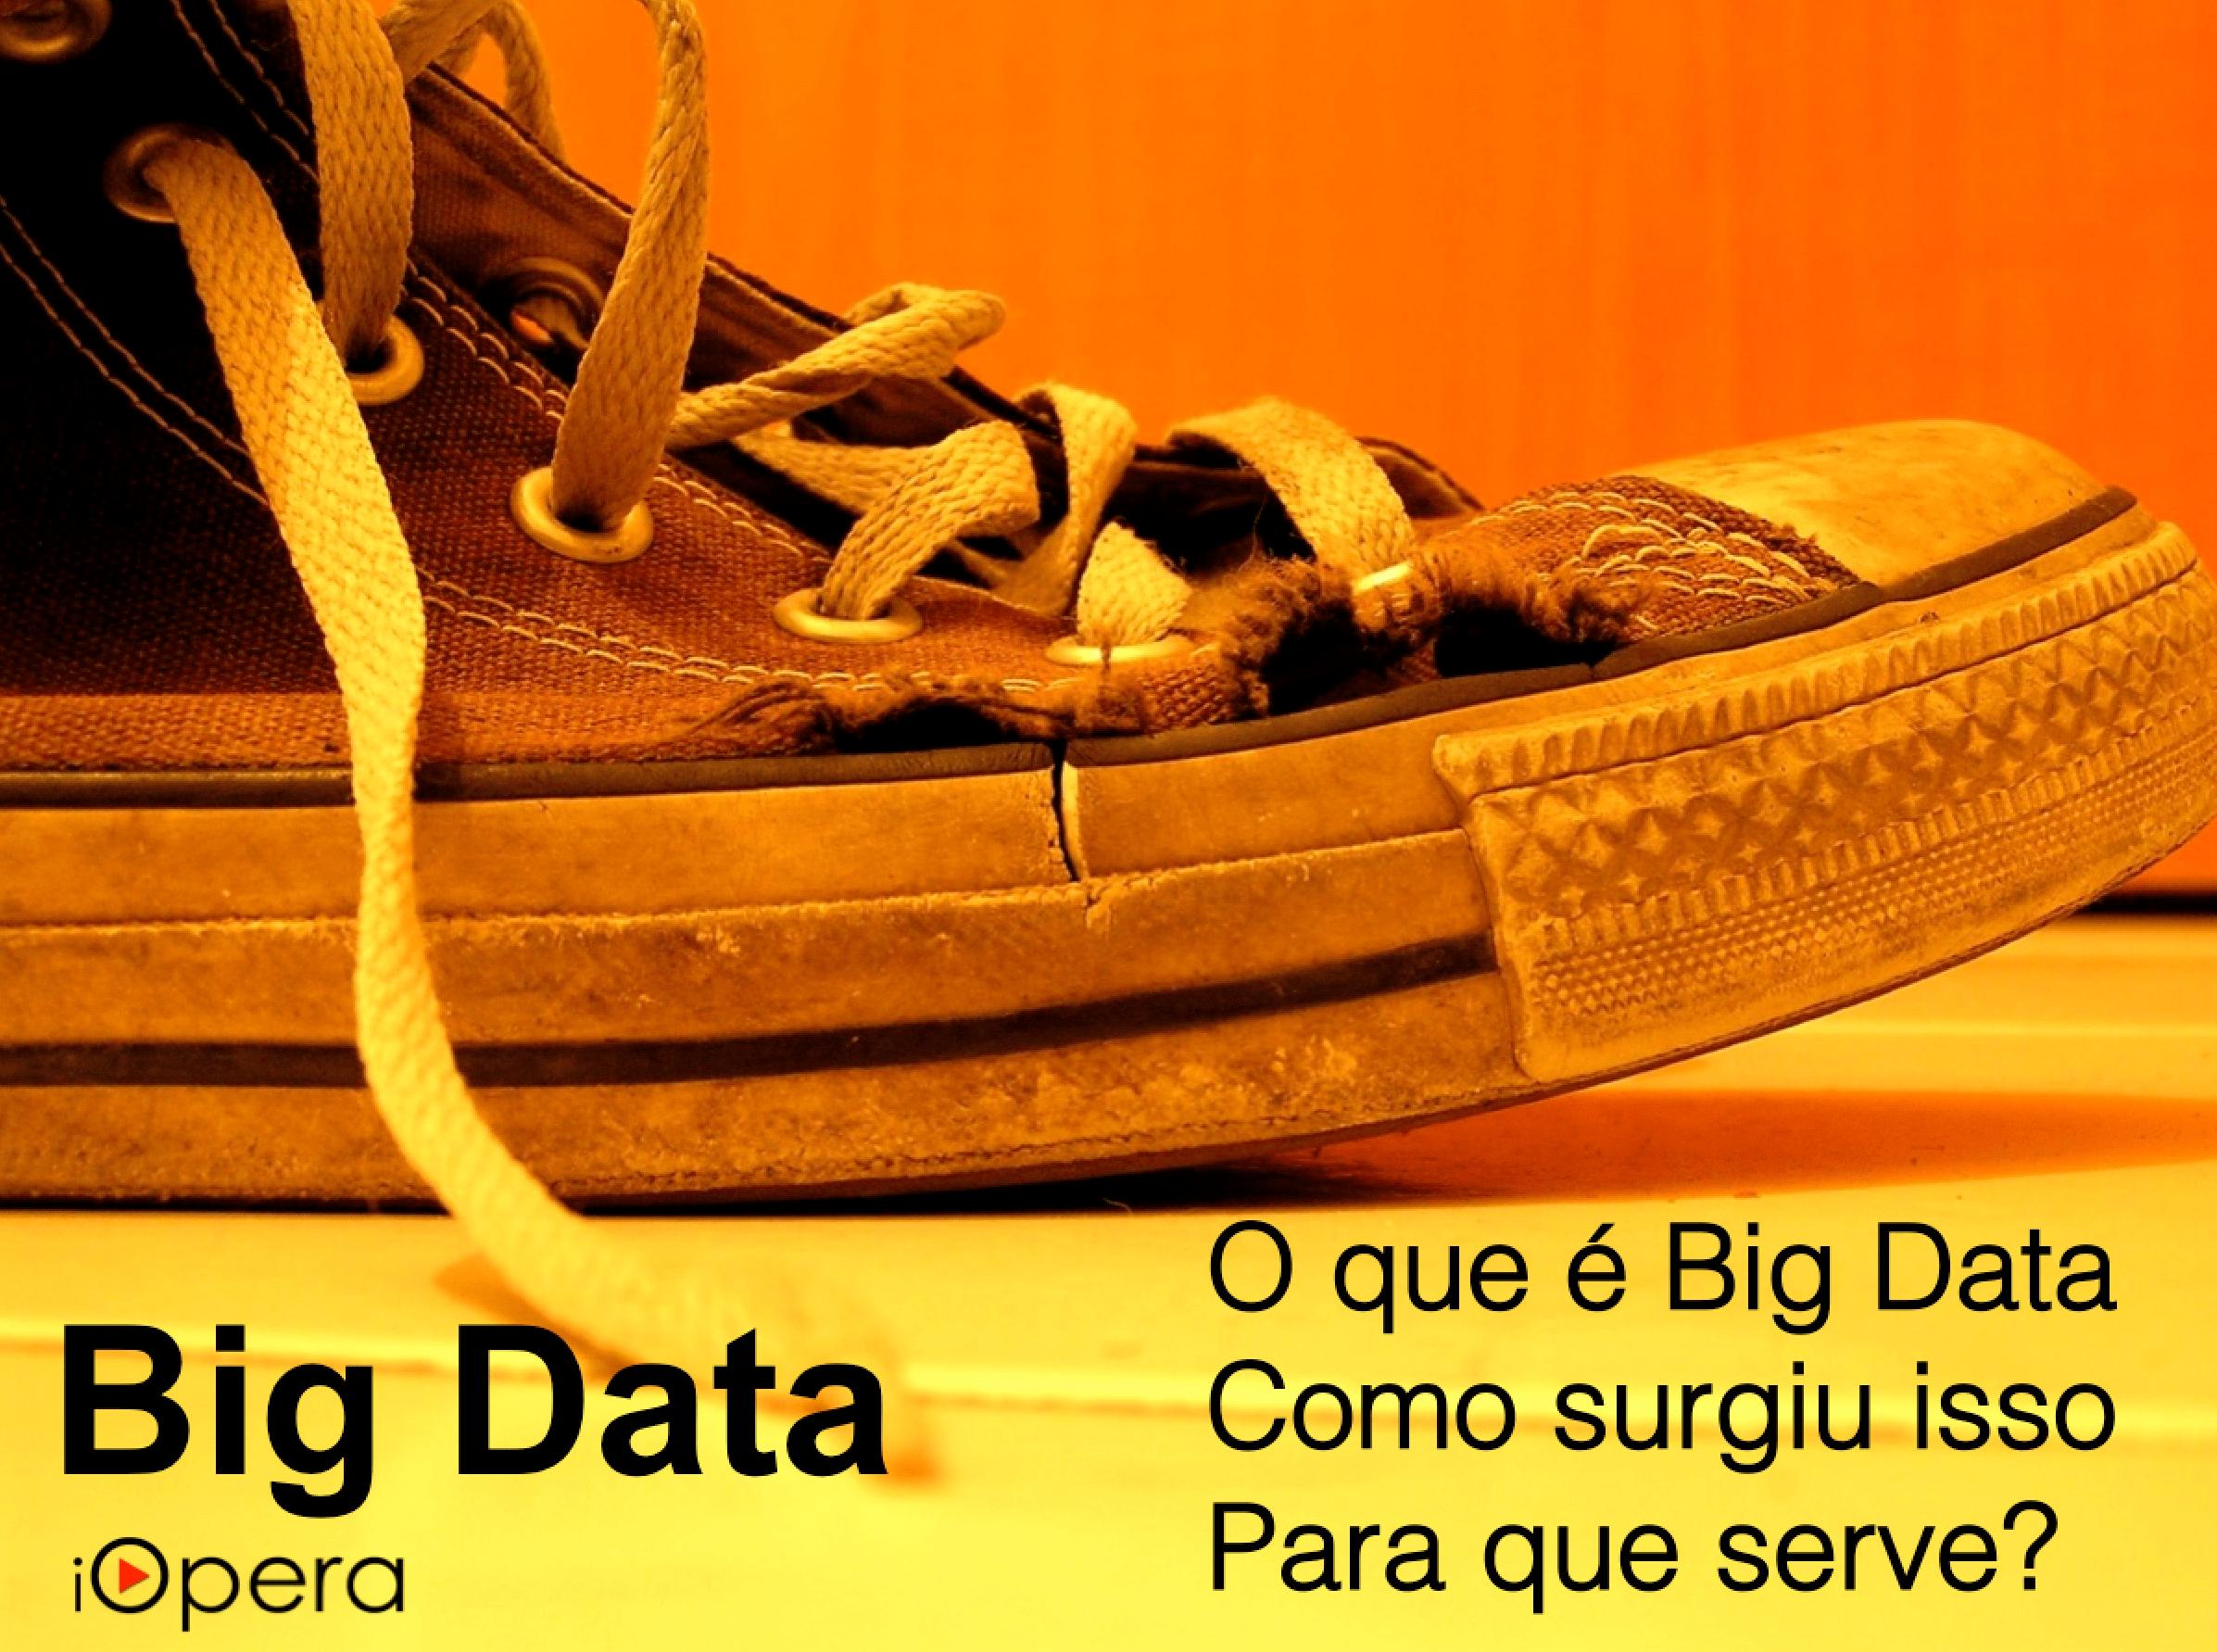 iOpera - o que é Big Data? Como surgiu isso? Para que serve?